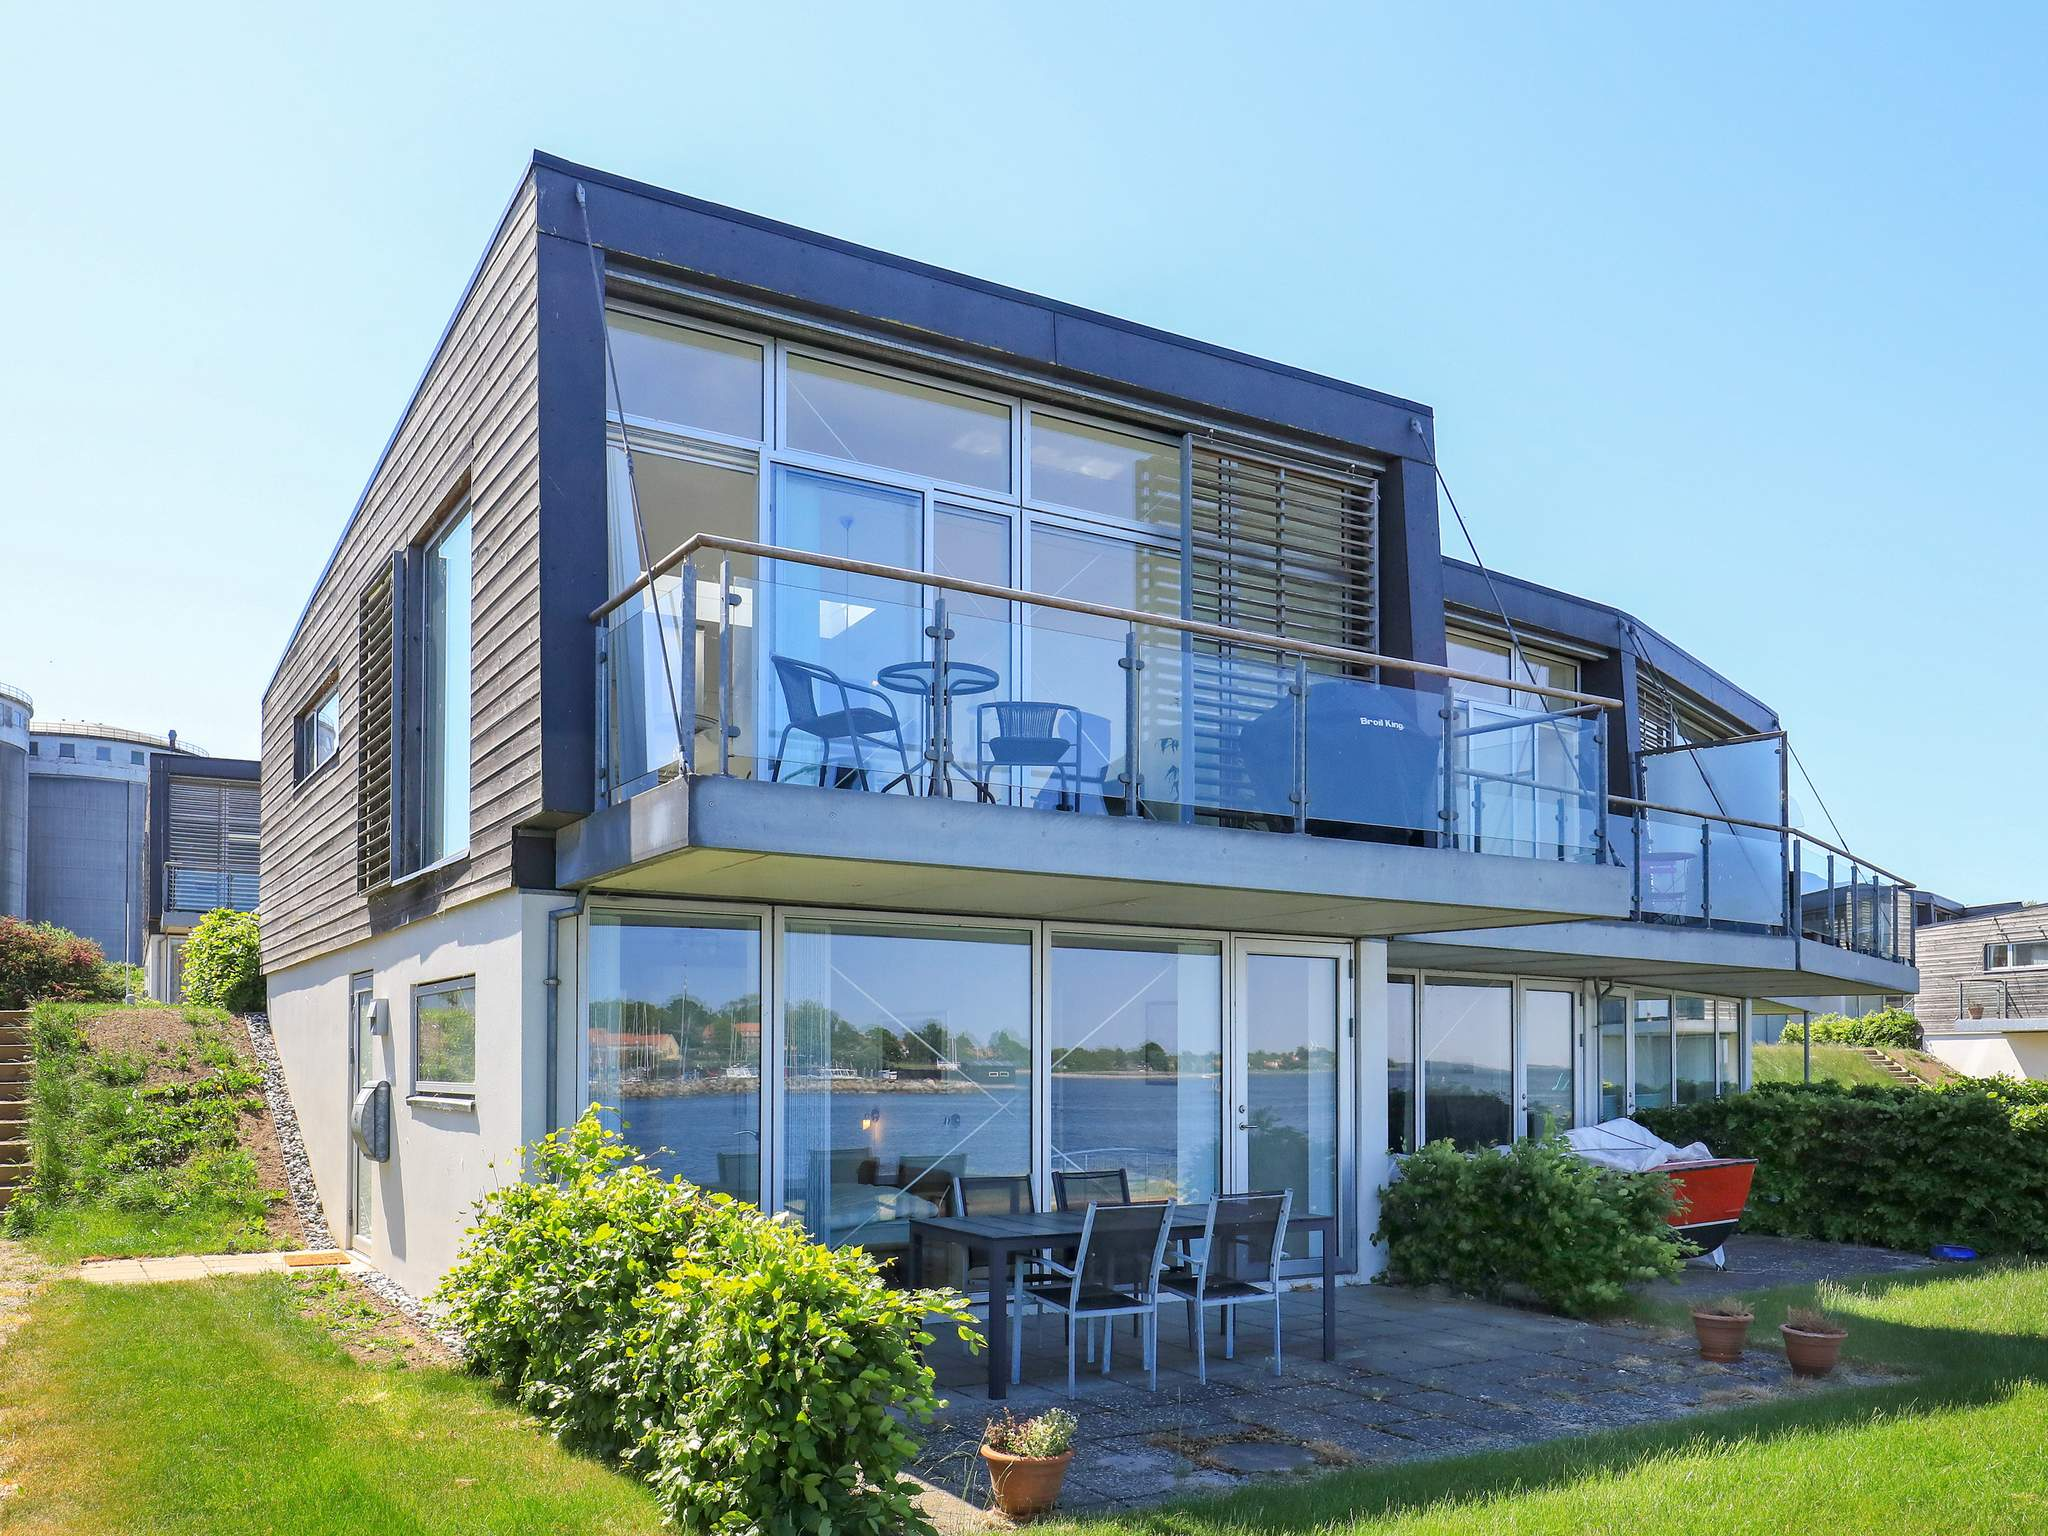 Ferienhaus Stege (264060), Stege, , Møn, Dänemark, Bild 14